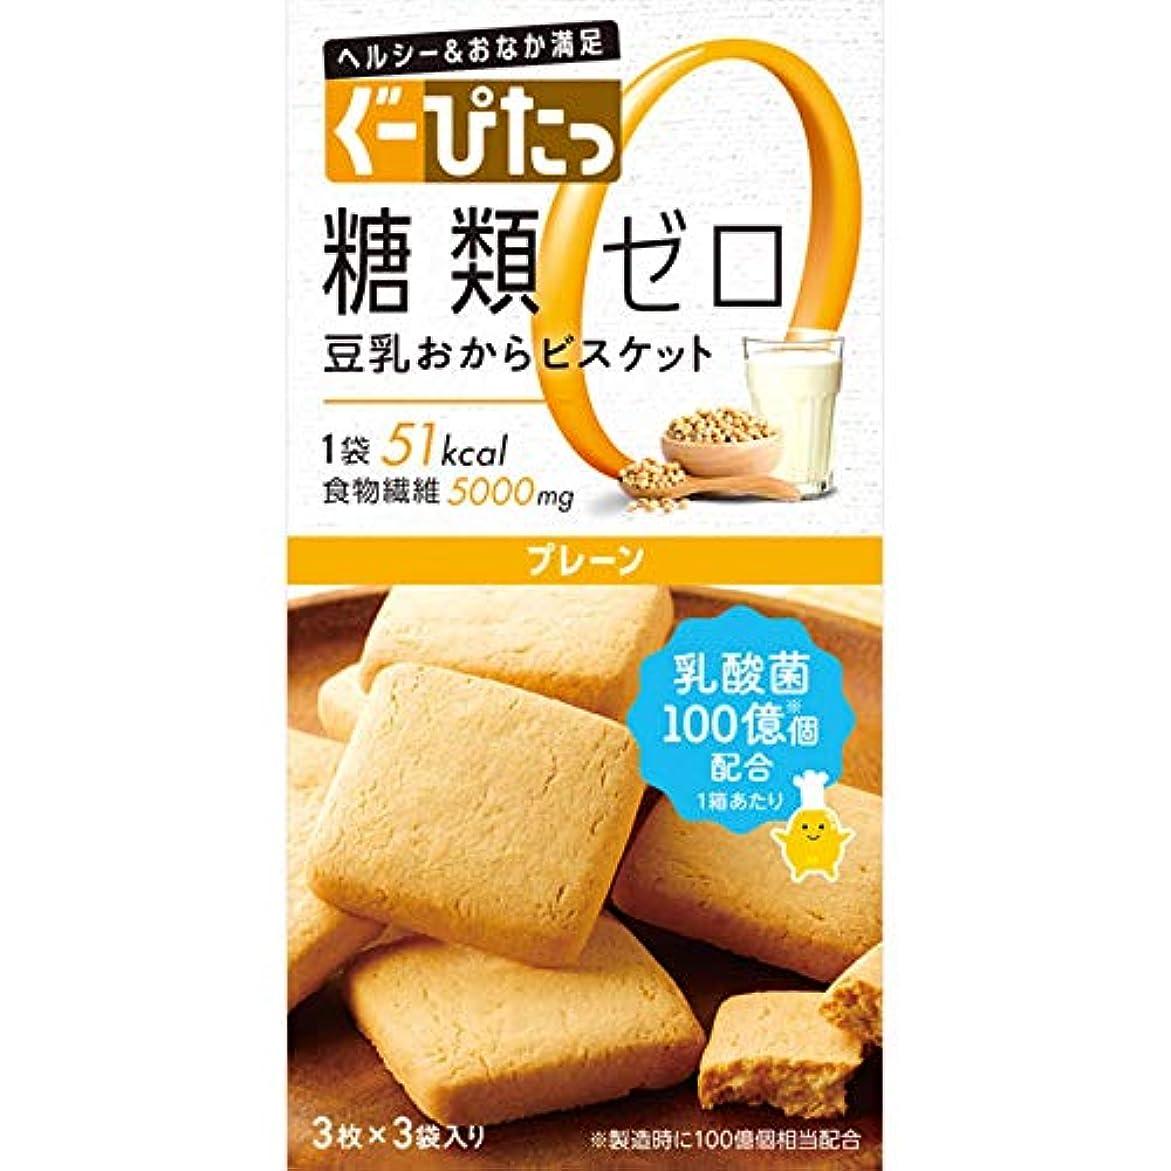 試み消す靄ナリスアップ ぐーぴたっ 豆乳おからビスケット プレーン (3枚×3袋) ダイエット食品